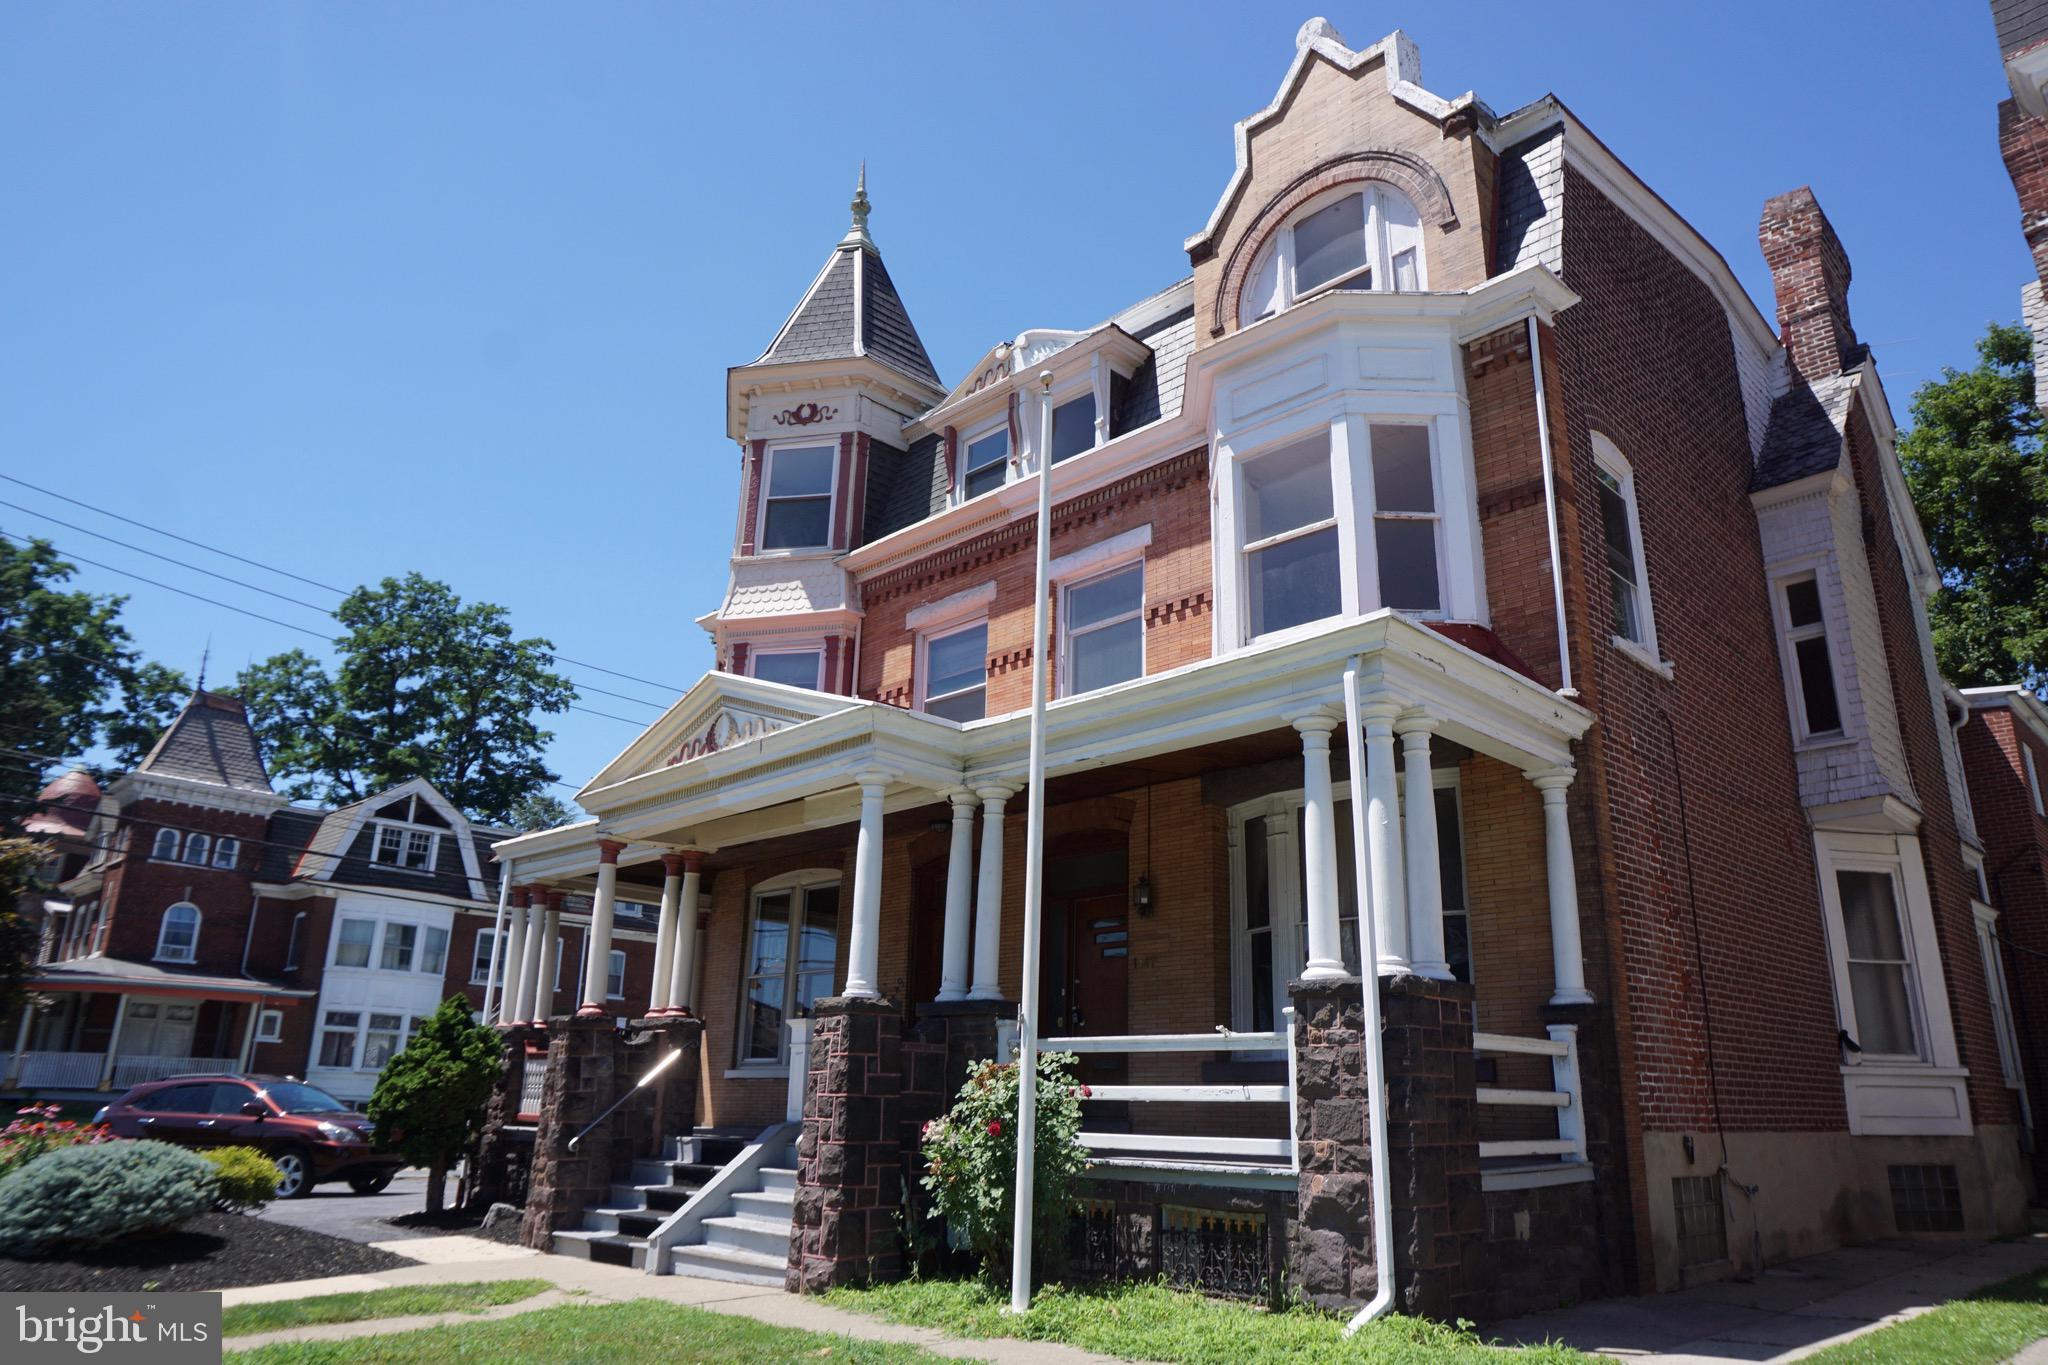 1447 W HAMILTON STREET, ALLENTOWN, PA 18102